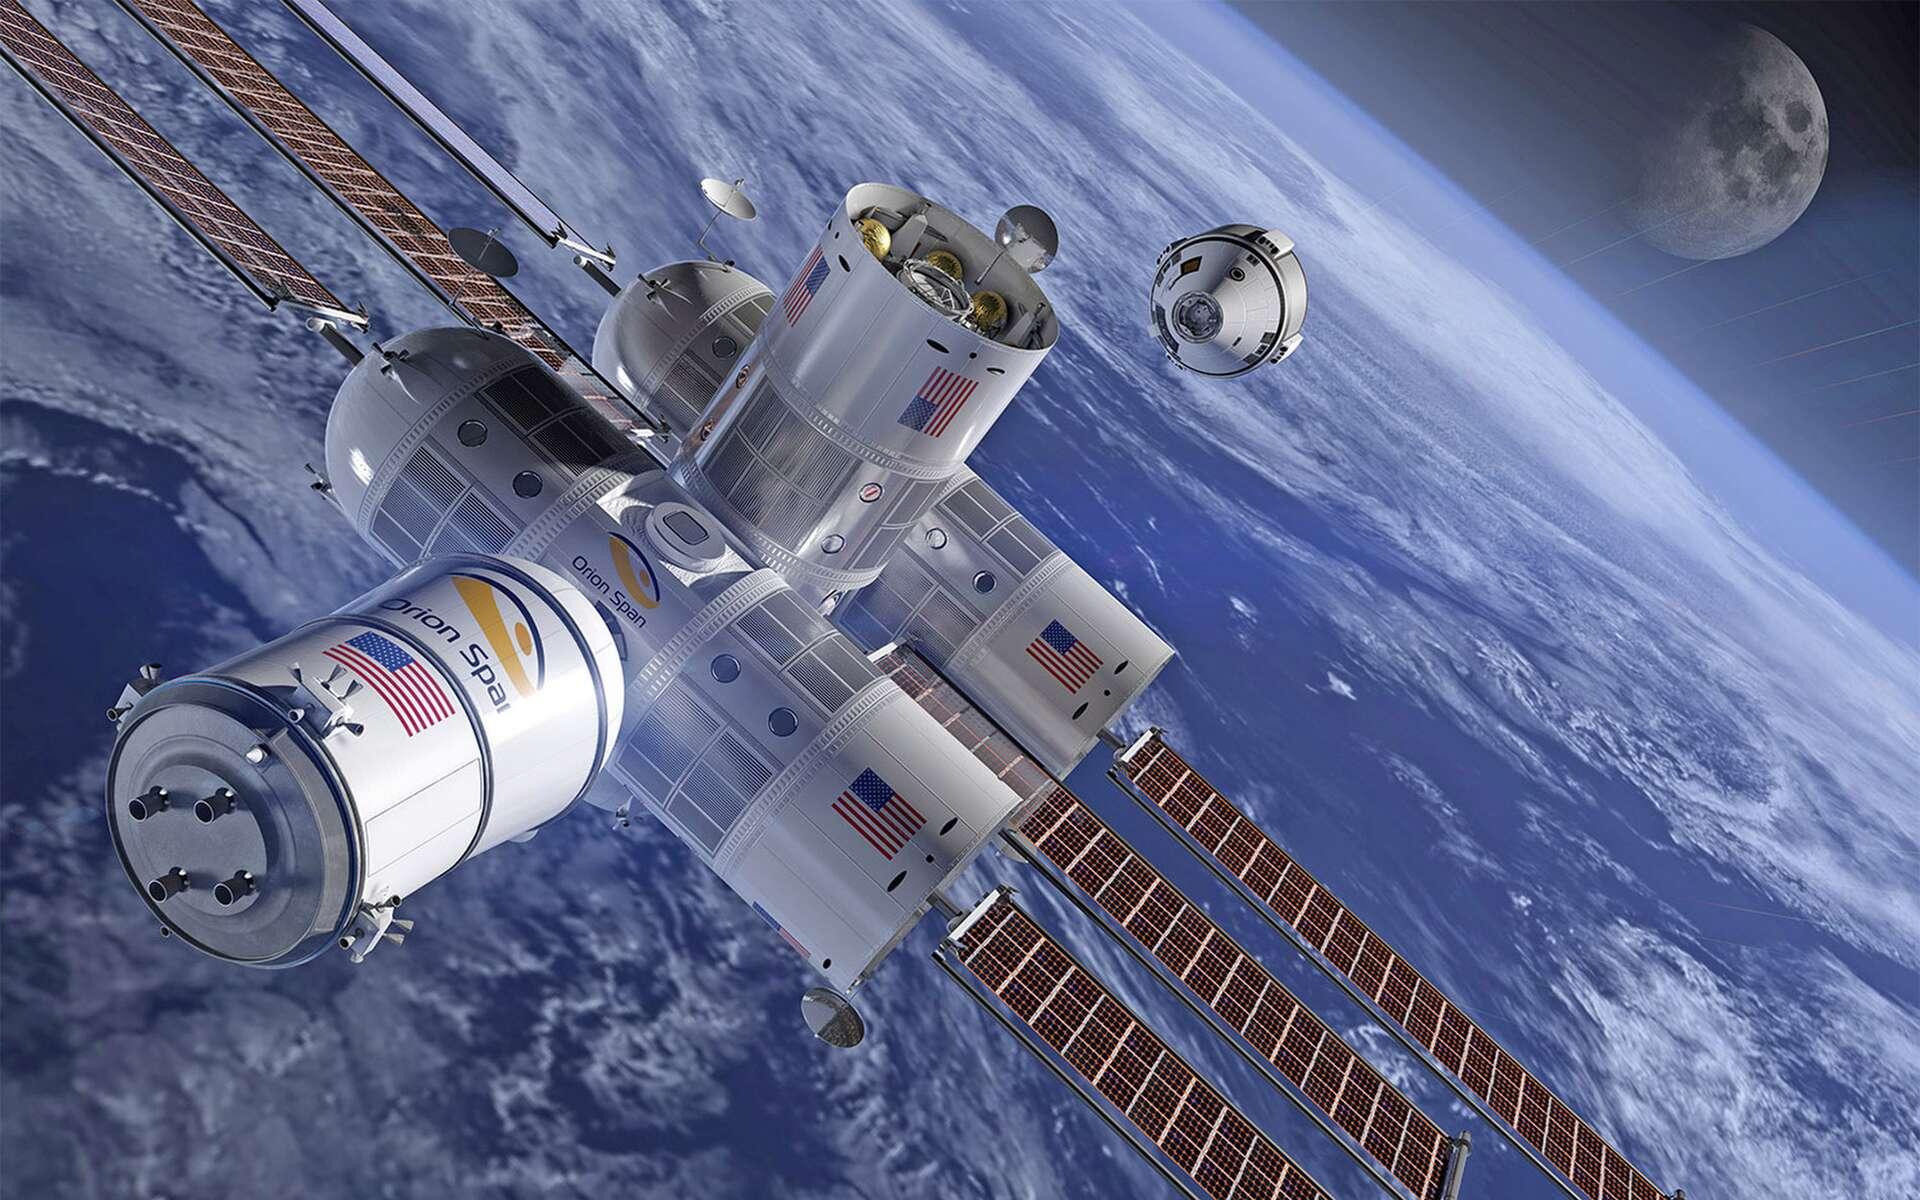 Dans un premier temps, l'hôtel spatial d'Orion Span pourra accueillir quatre clients. Si la demande est là, des modules supplémentaires seront ajoutés. © Orion Span